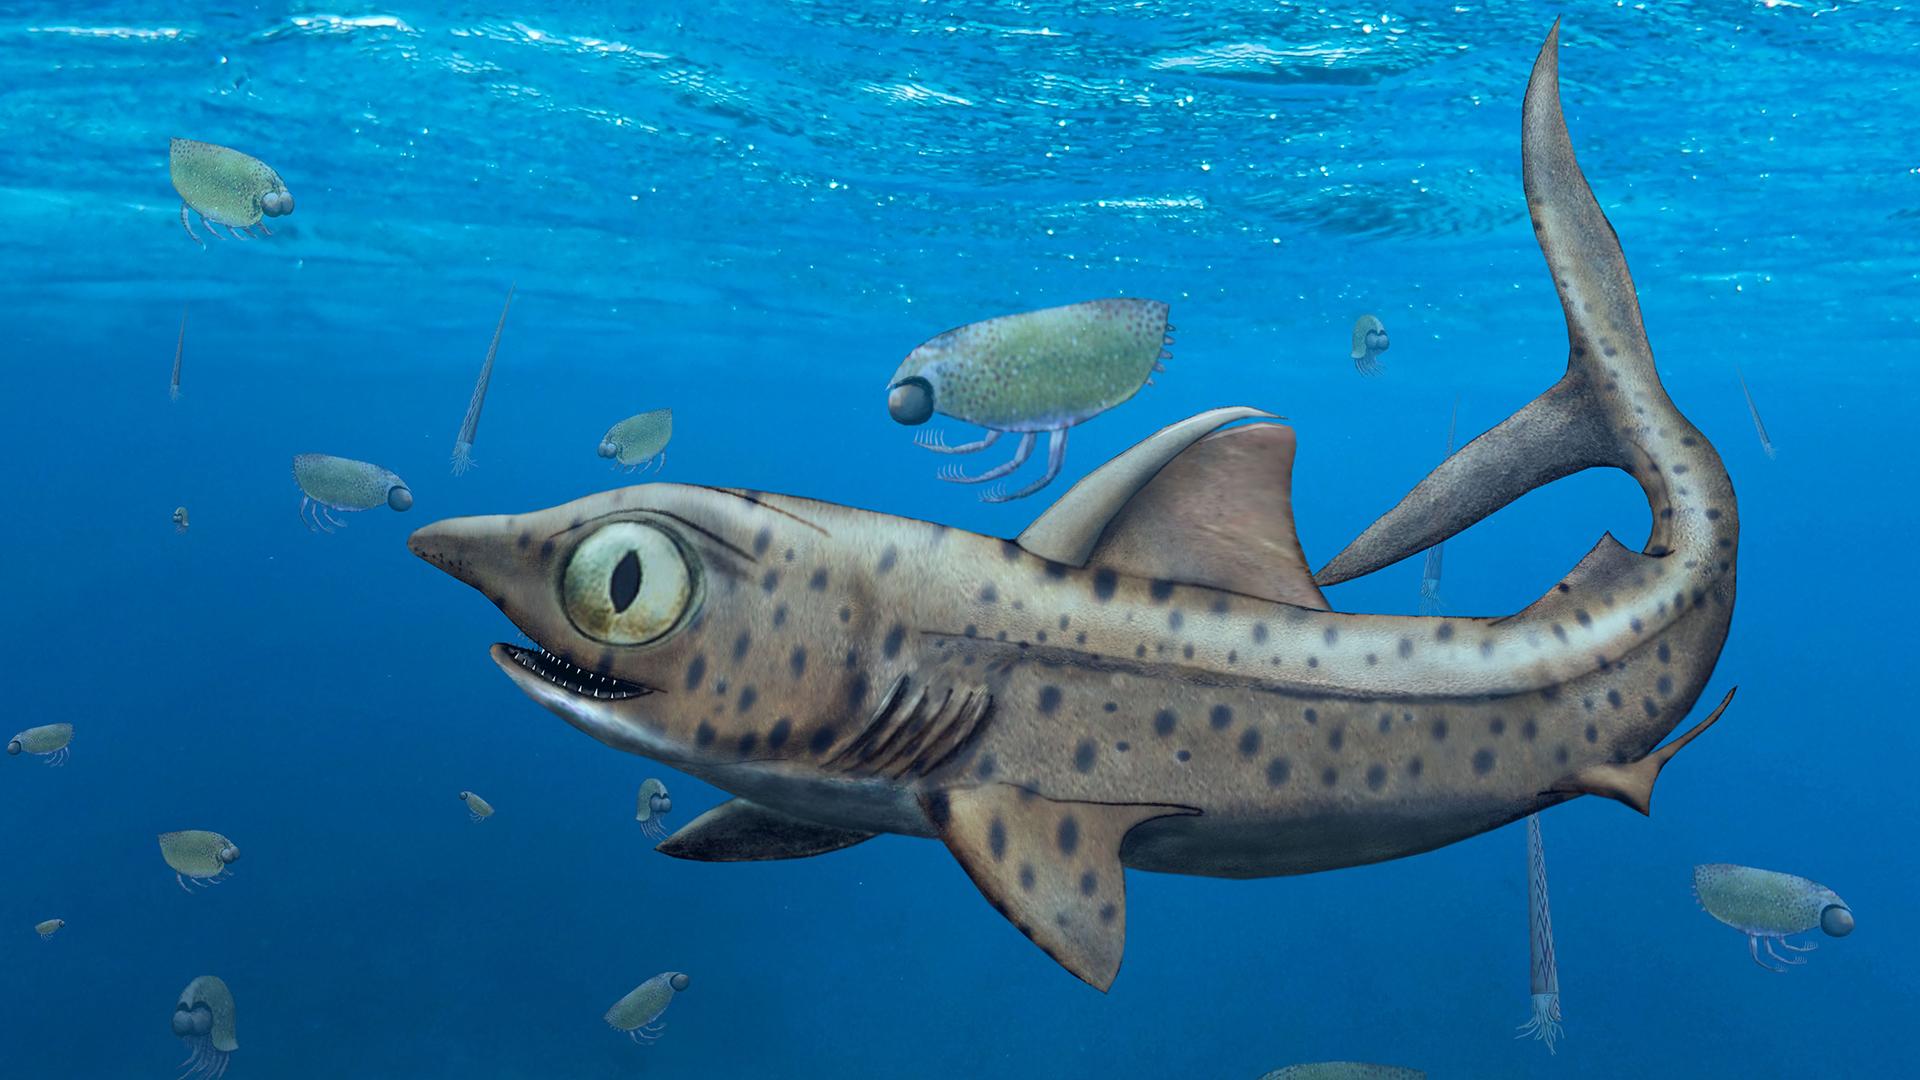 Illustration du requin préhistorique Ferromirum oukherbouchi.